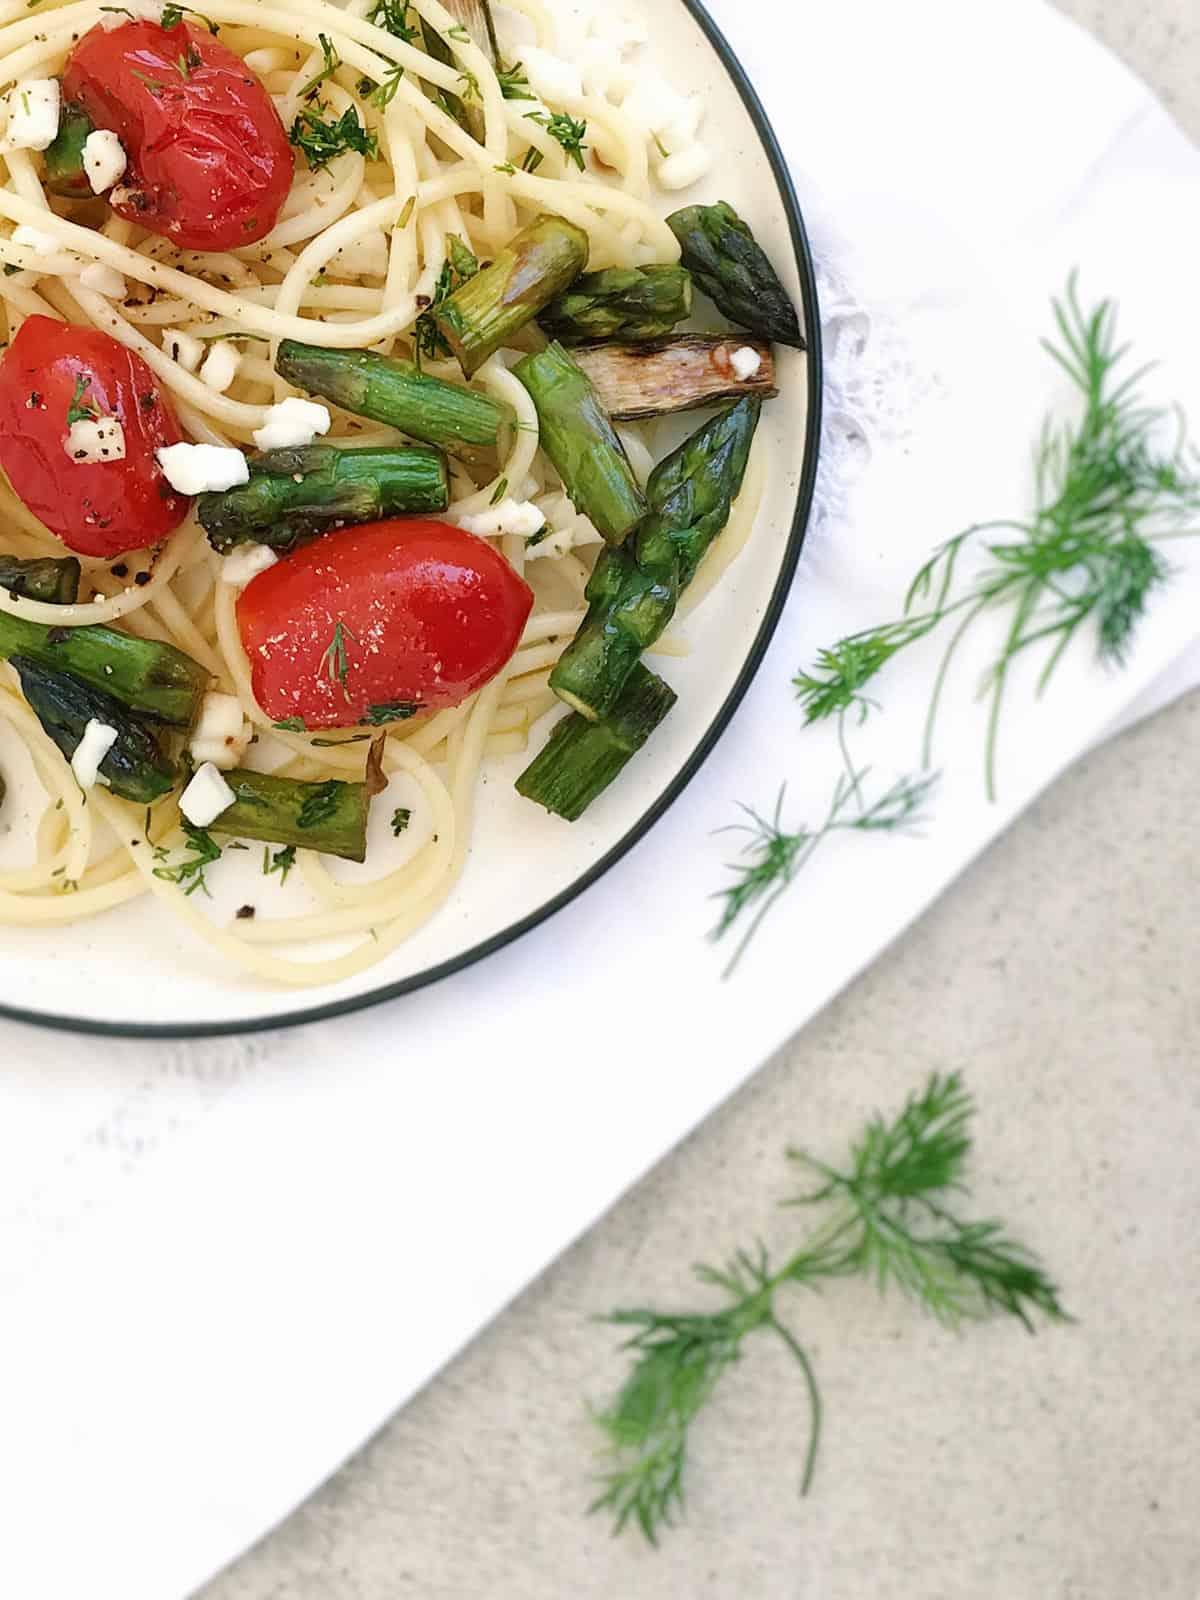 Ensalada de pasta con tomate, espárragos, mozzarella y eneldo